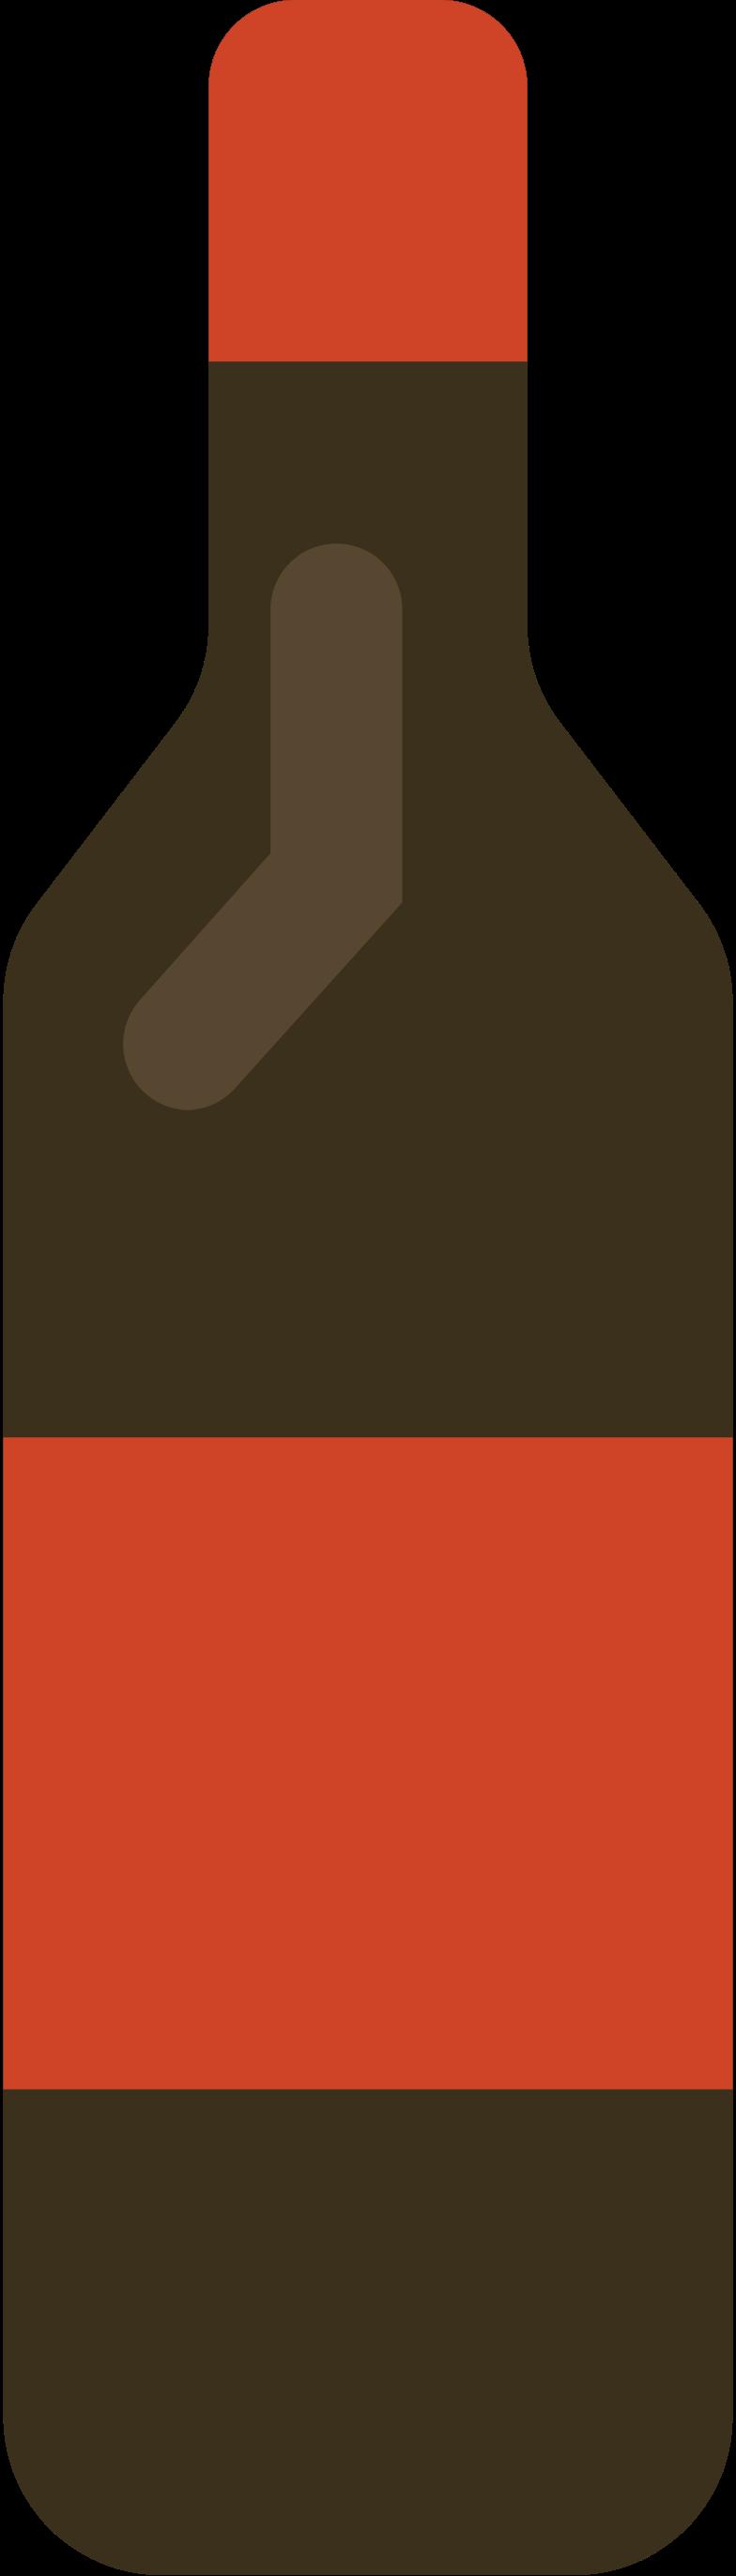 wine bottle Clipart illustration in PNG, SVG